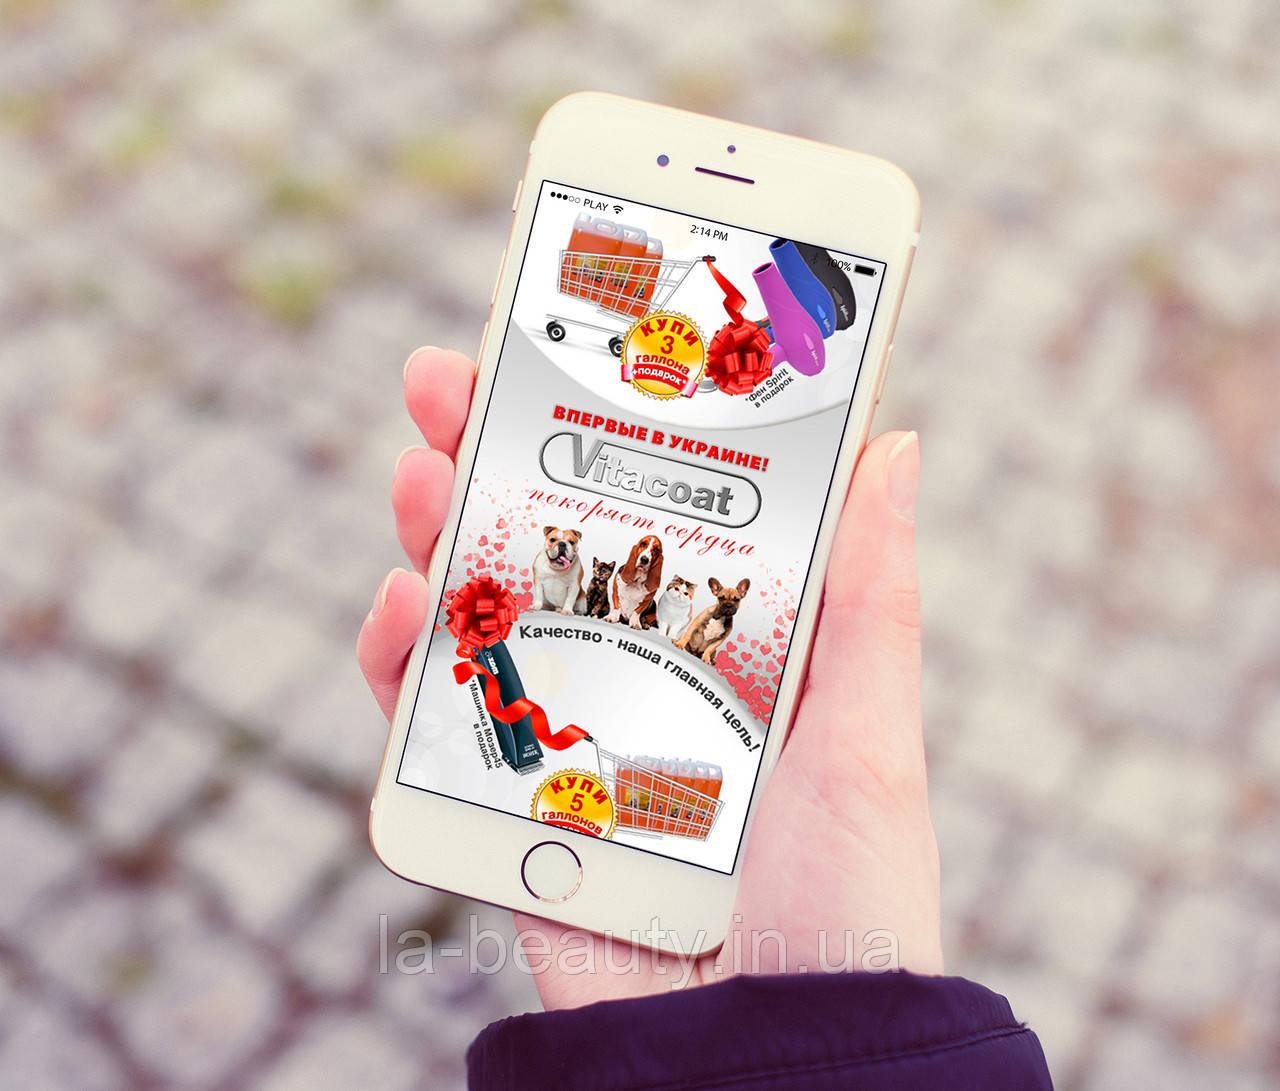 Дизайн баннера / рекламы для мобильной версии сайта / соцсетей